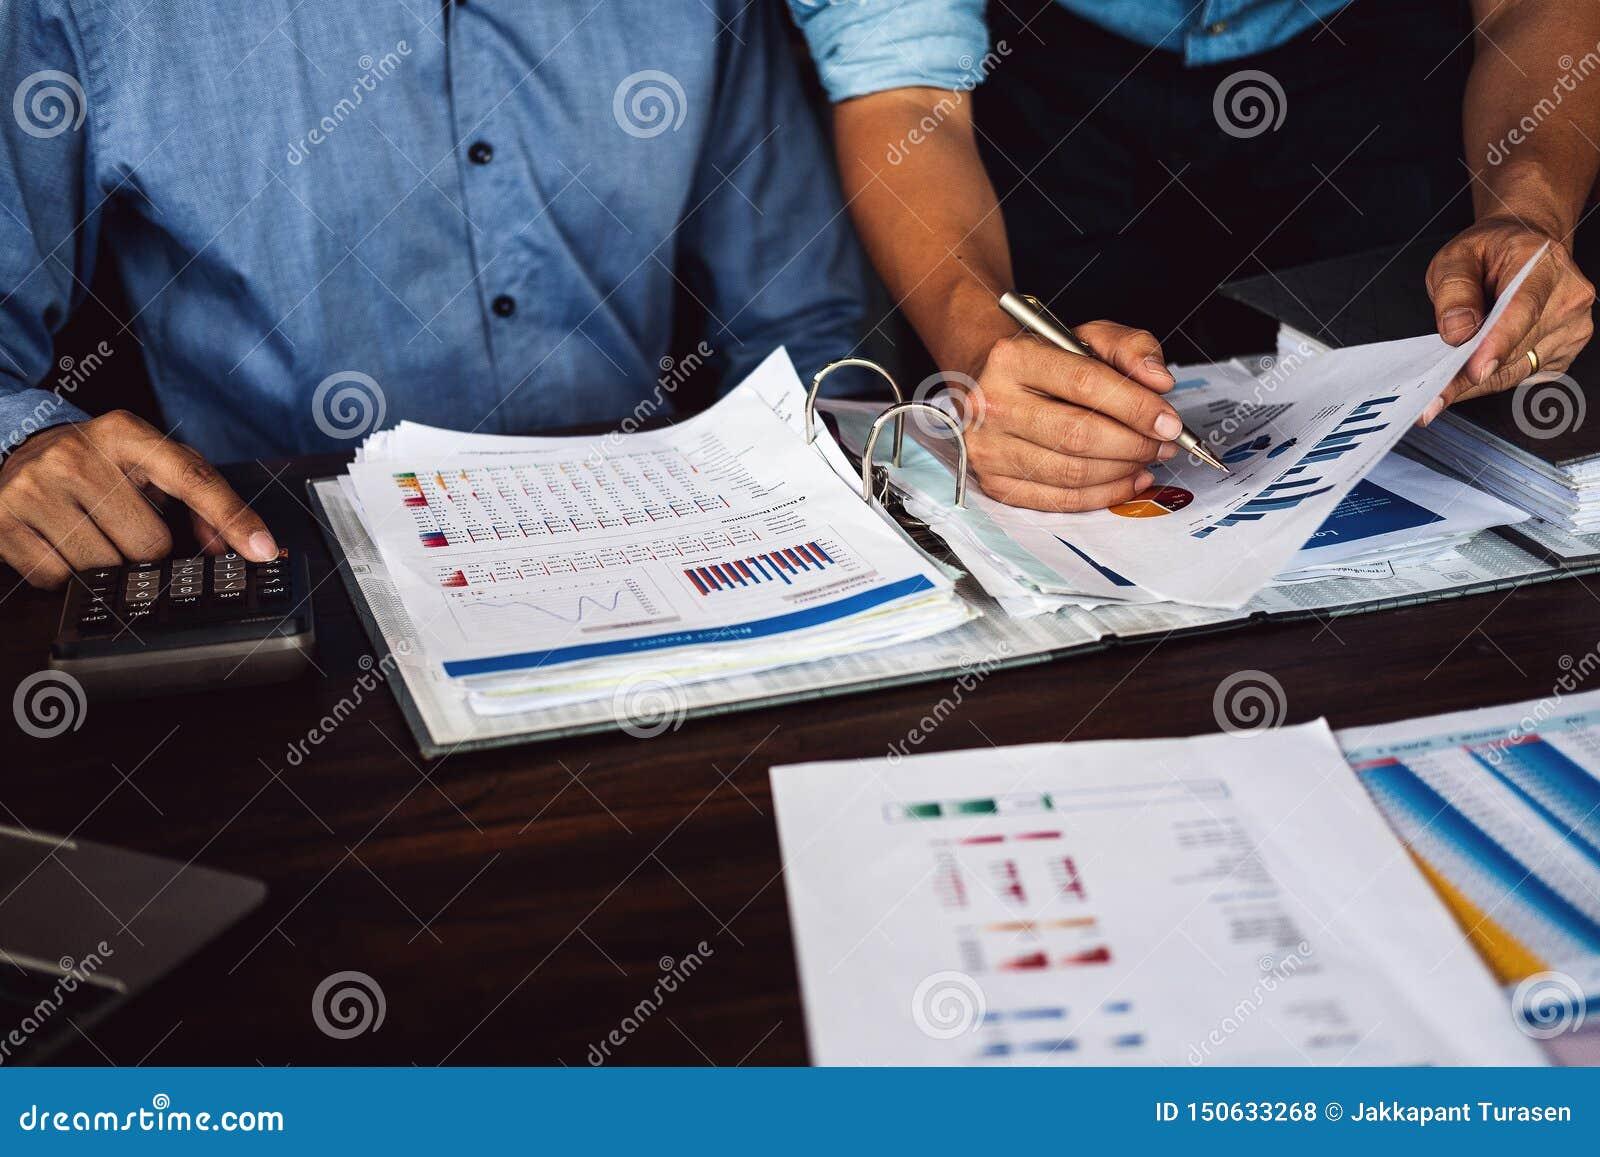 La estrategia de planificación de dos hombres de negocios en el escritorio con papeleo, equipo del estratega analiza datos o la i